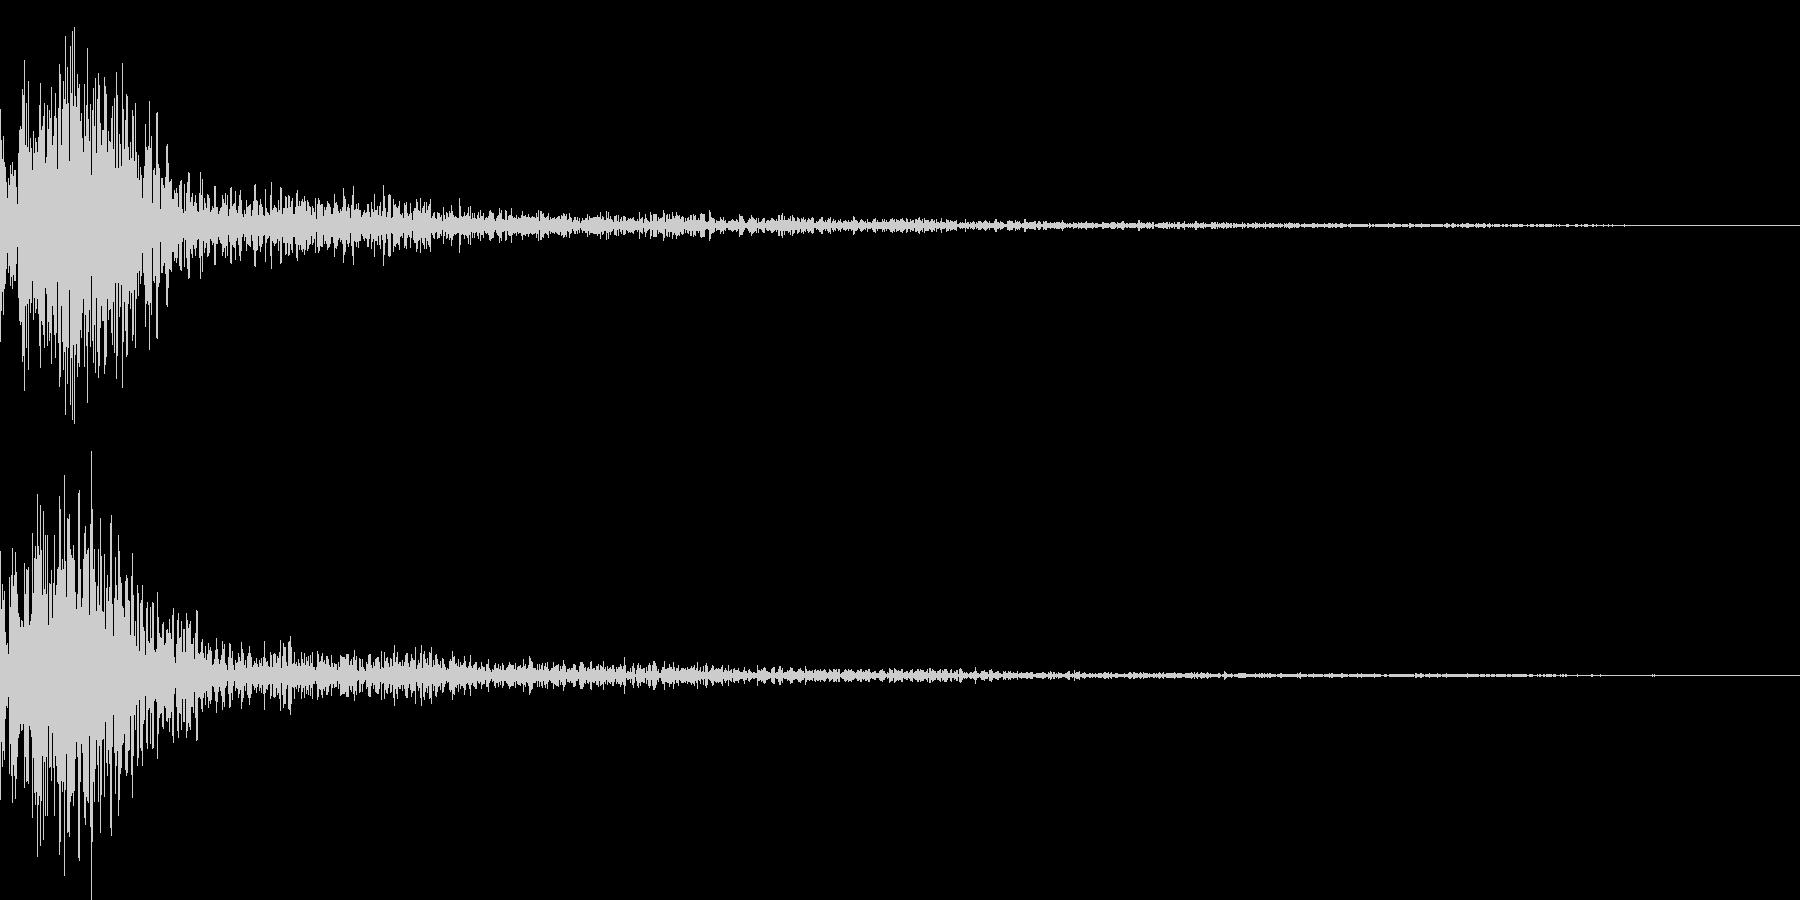 ドン!小太鼓の和風演出 効果音 02の未再生の波形